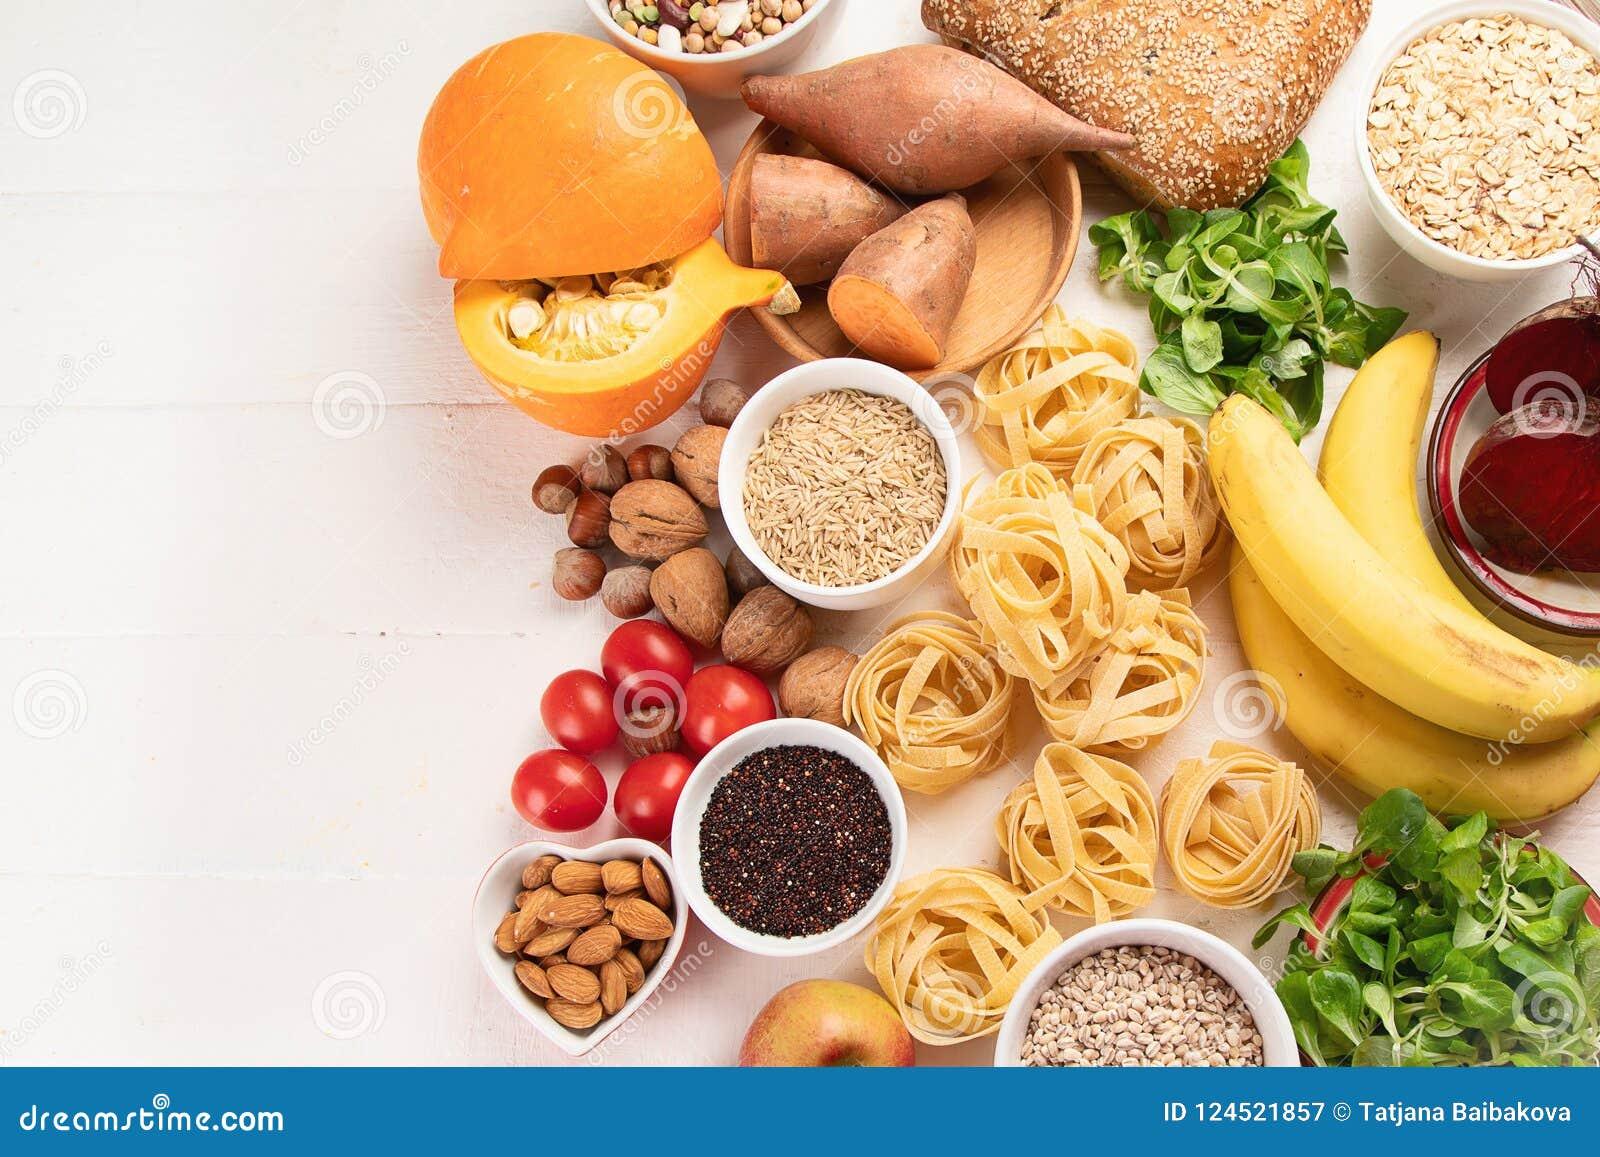 食物高在碳水化合物